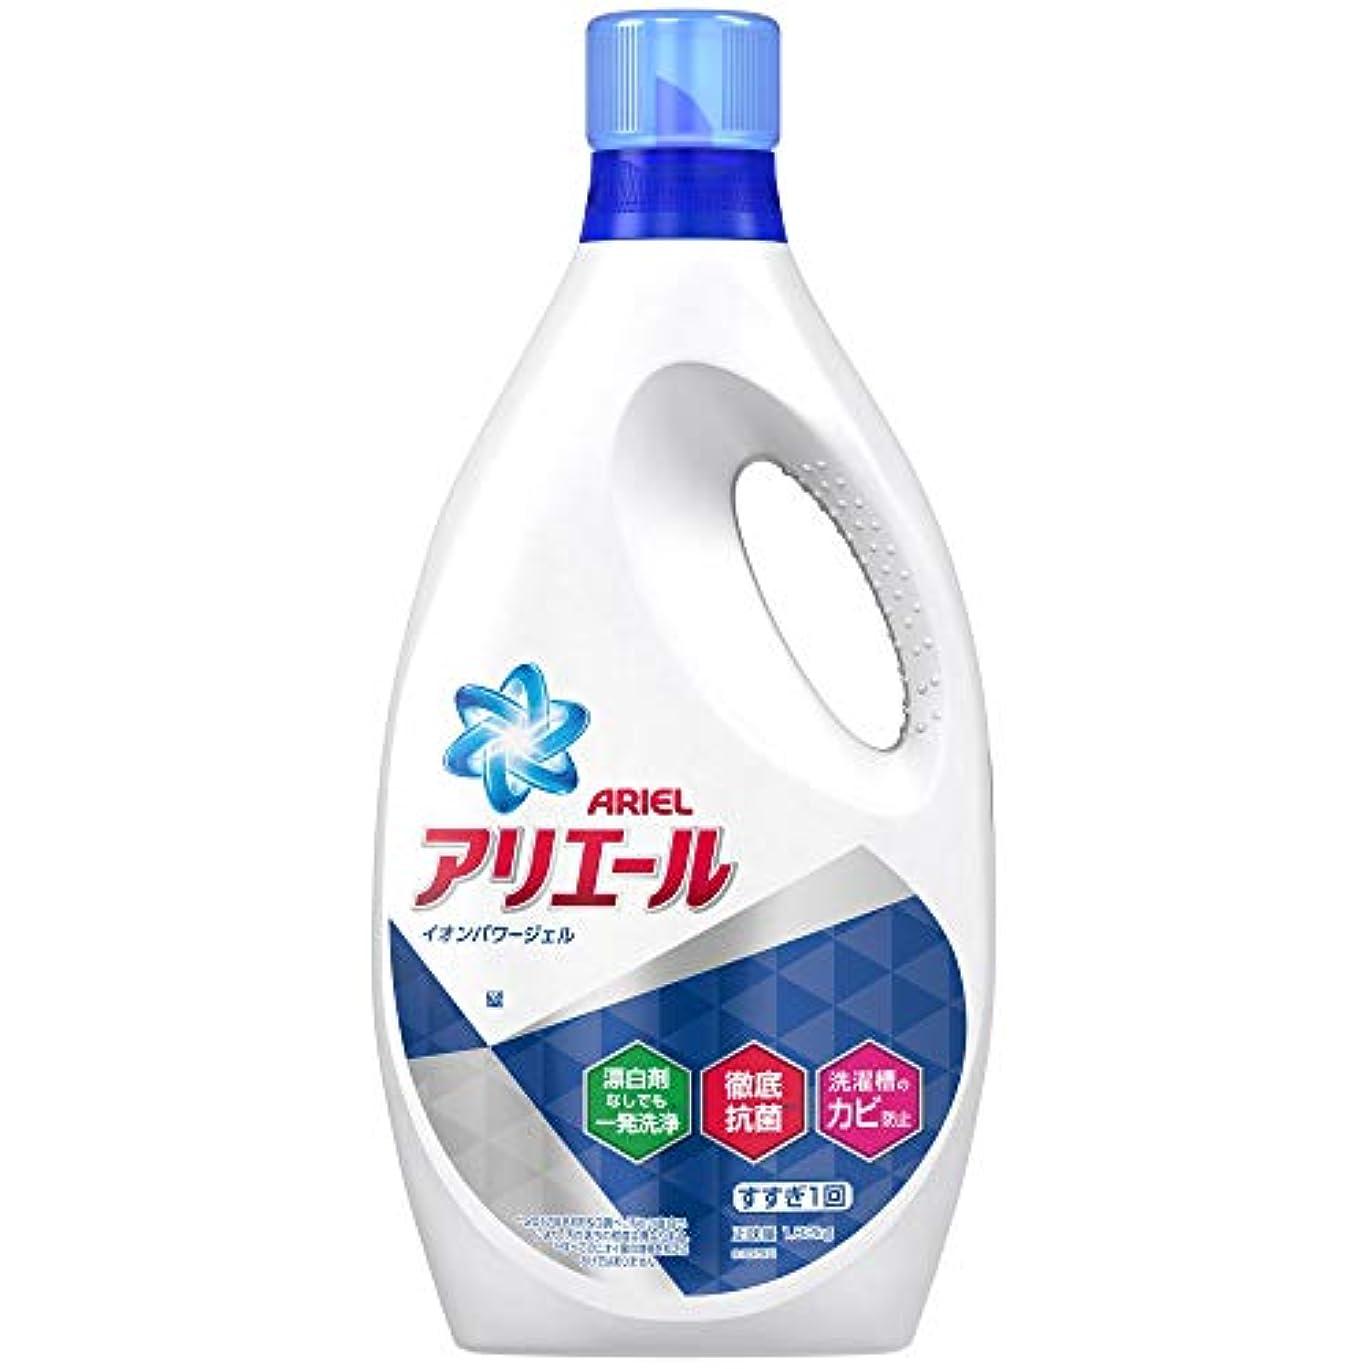 市区町村準備主導権洗濯洗剤 液体 抗菌 アリエール 本体 特大(1.82kg)